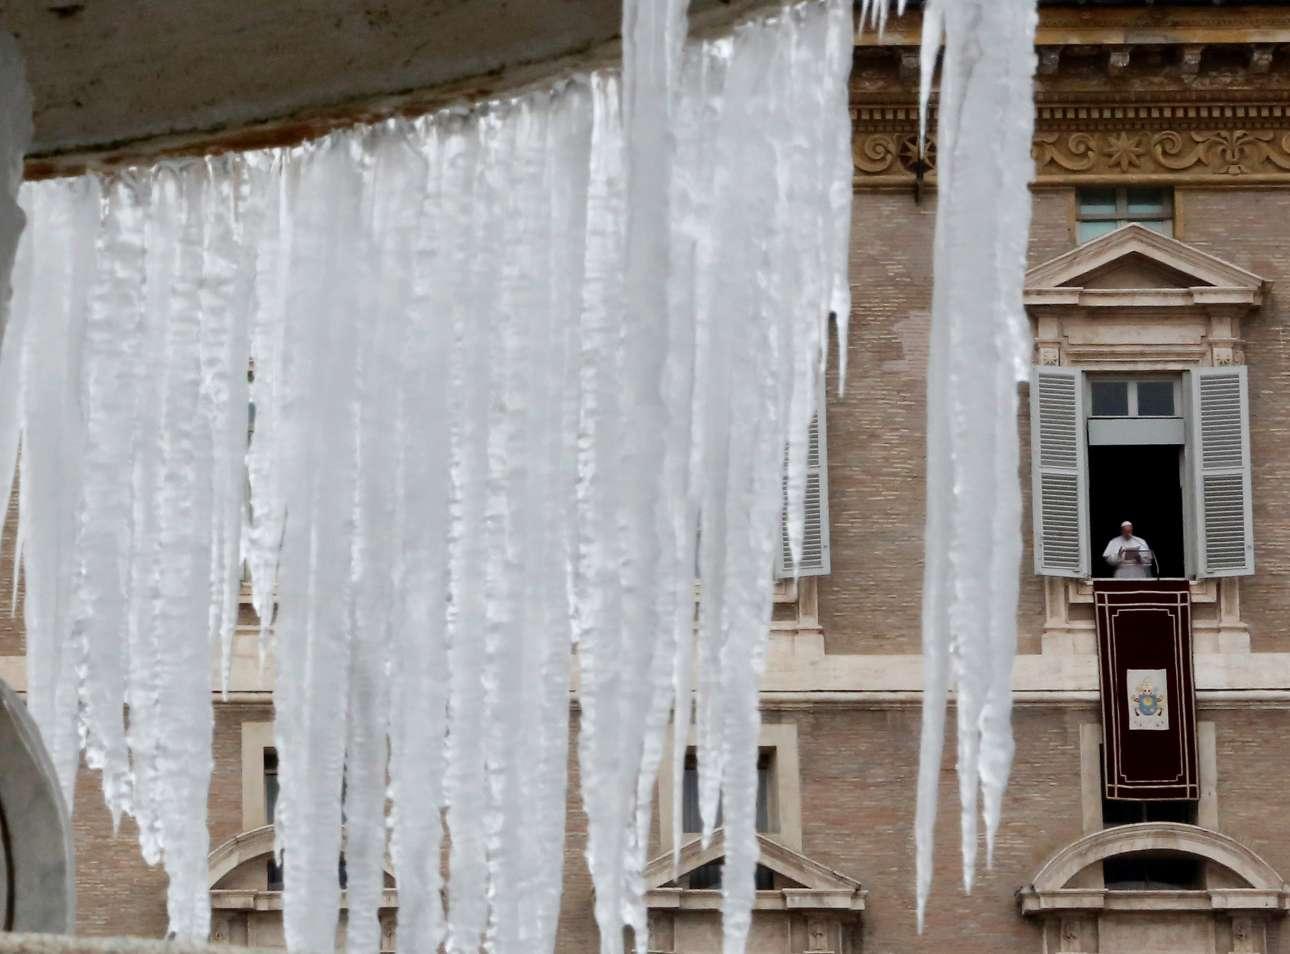 Το παγωμένο συντριβάνι της πλατείας του Αγίου Πέτρου στο Βατικανό με φόντο τον Πάπα Φραγκίσκο που τελεί την Κυριακάτικη λειτουργία